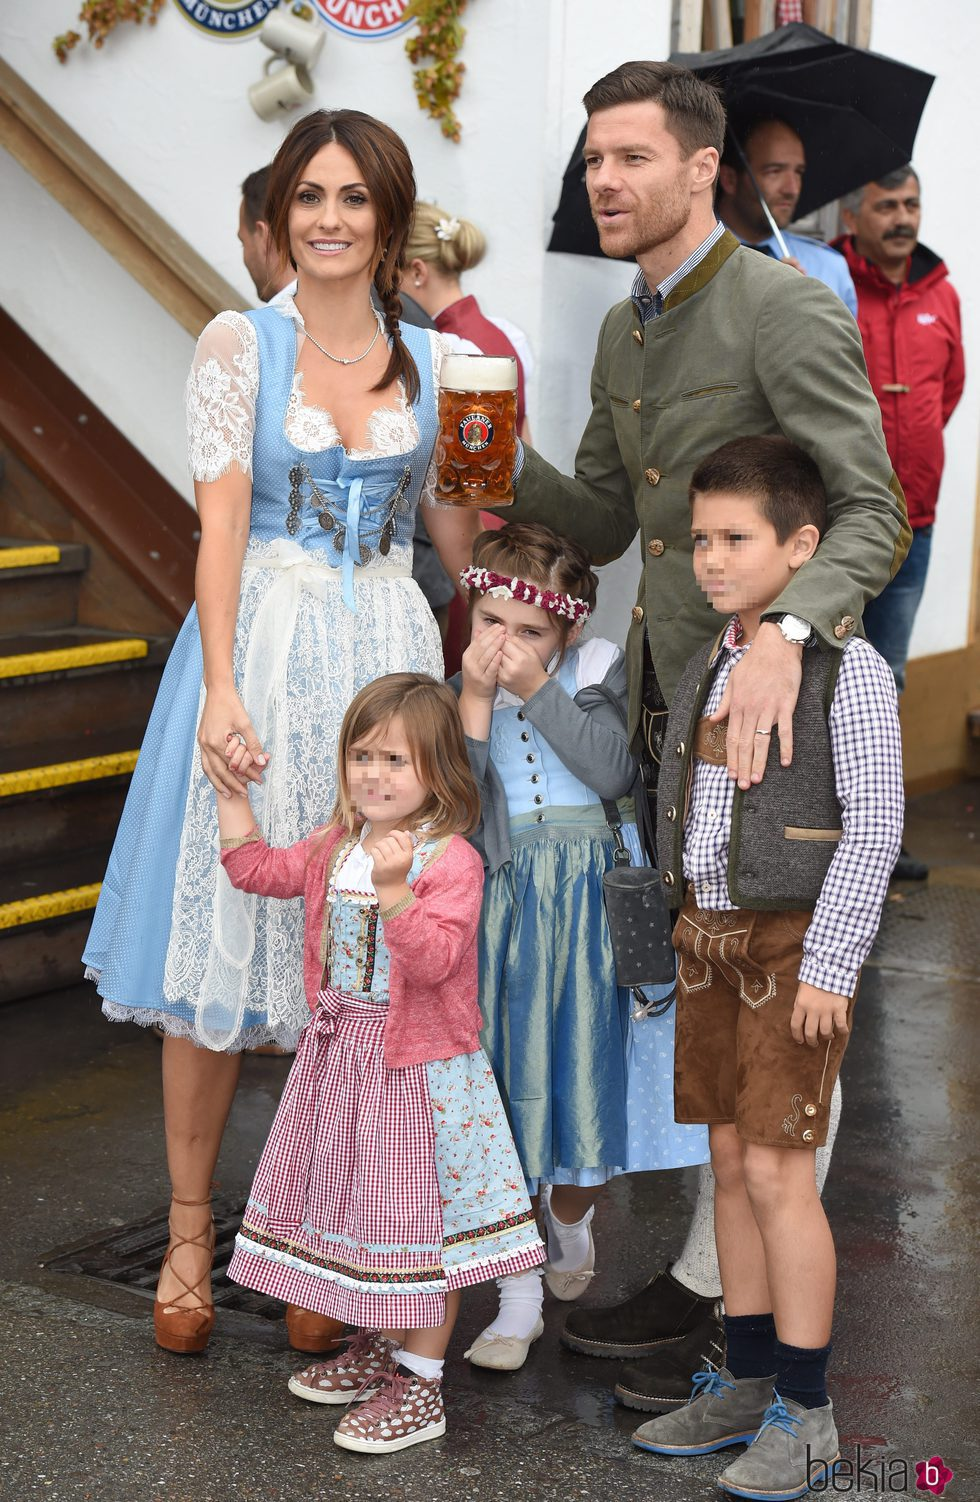 Xabi Alonso y Nagore Aranburu con sus hijos en el Oktoberfest 2016